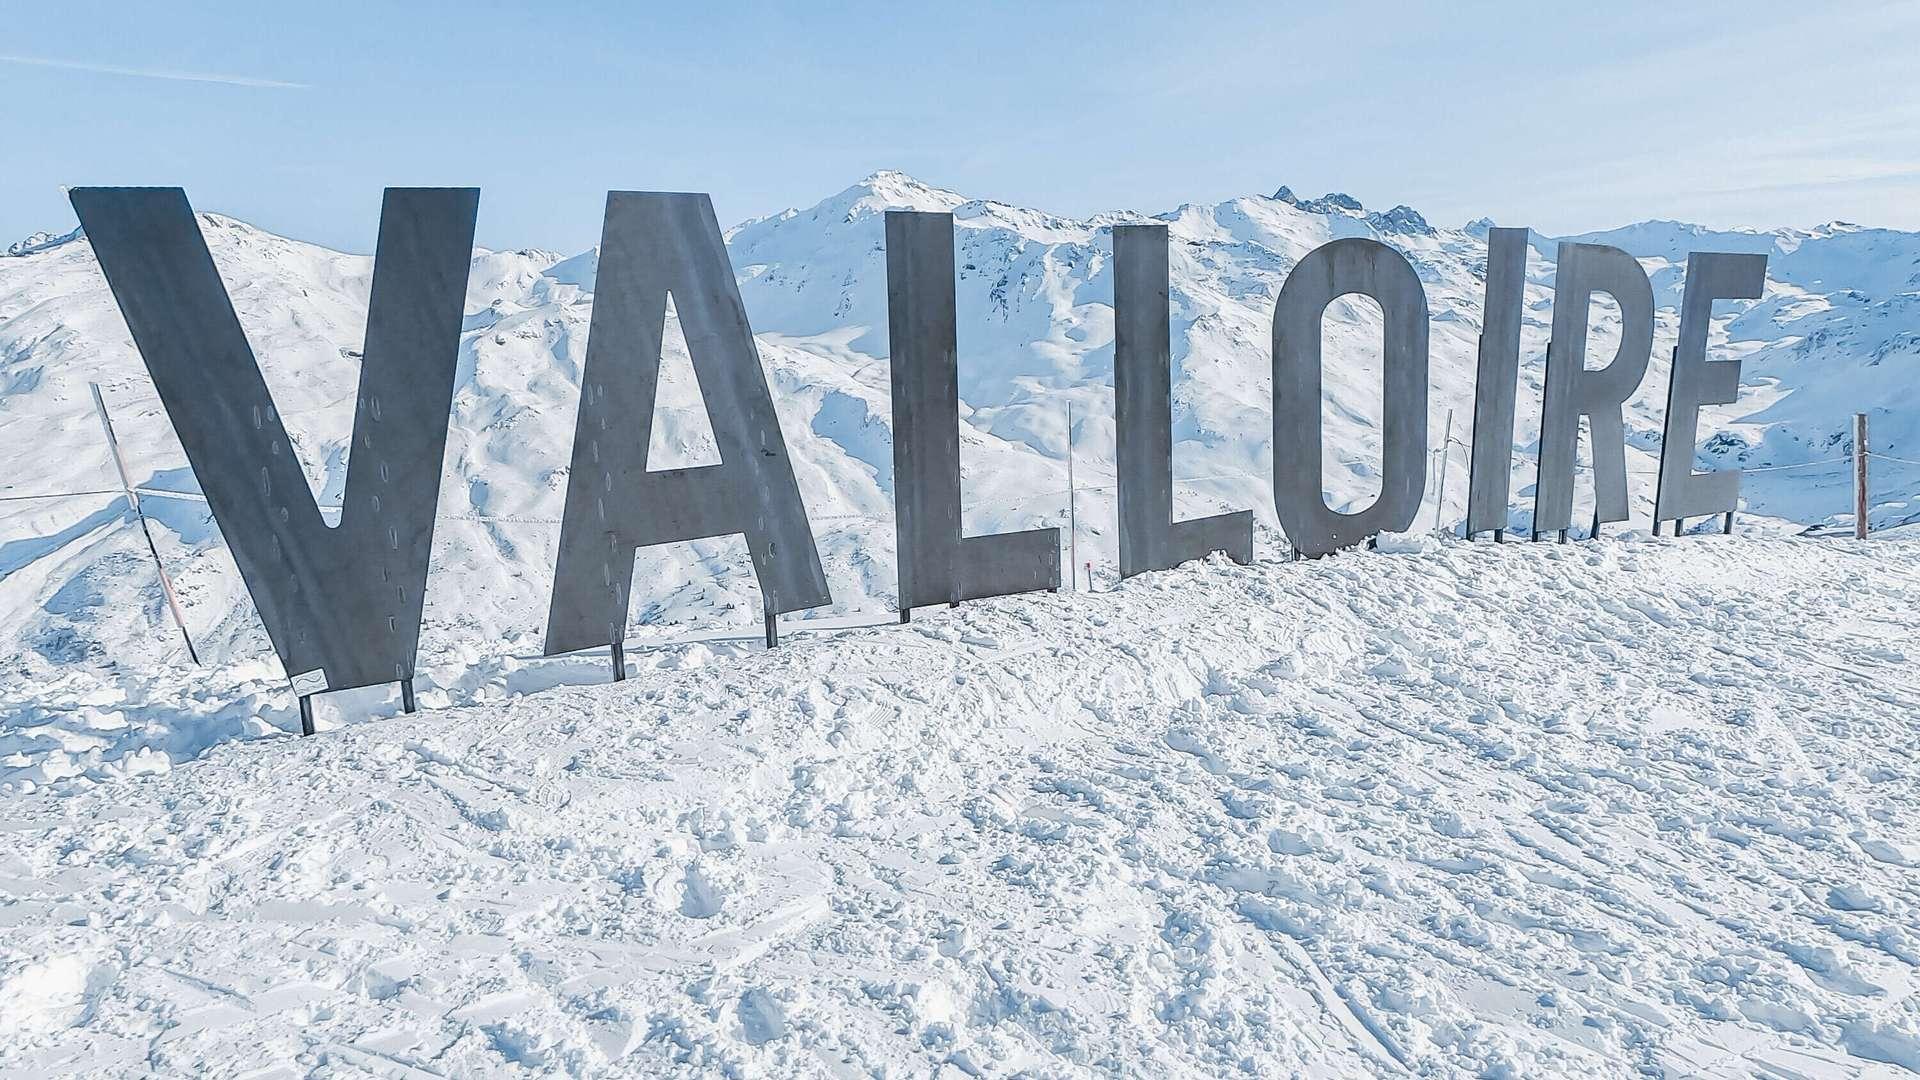 Lettre de Valloire sur le domaine skiable Galibier Thabor